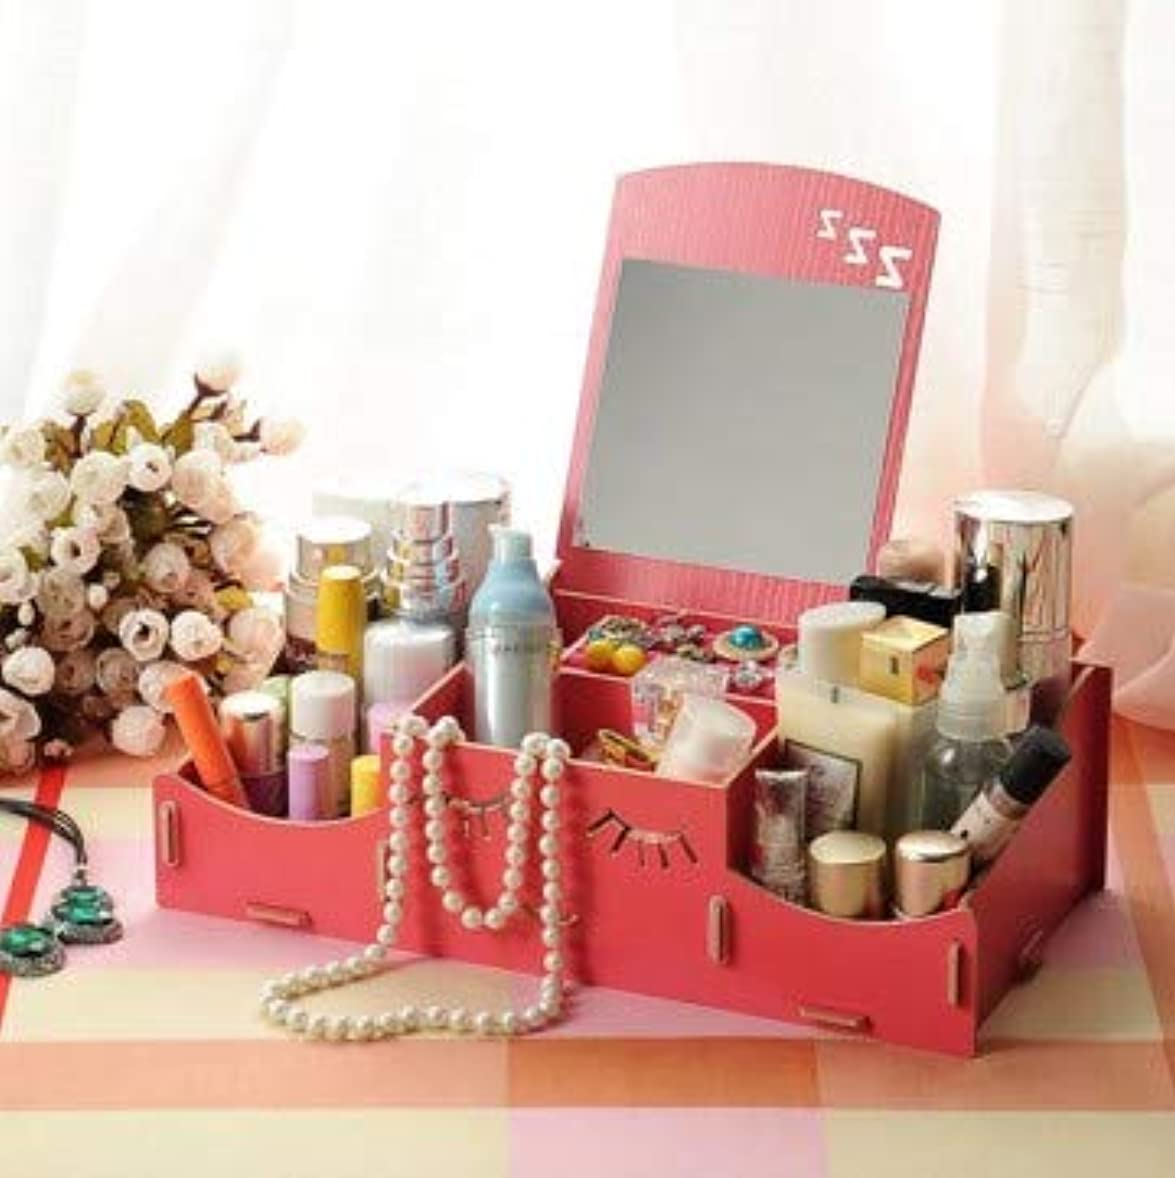 困惑ブリード第二Kth スマイリー木製クリエイティブ収納ボックス手作りデスクトップミラー化粧品収納ボックス化粧品収納ボックス (Color : Watermelon red)